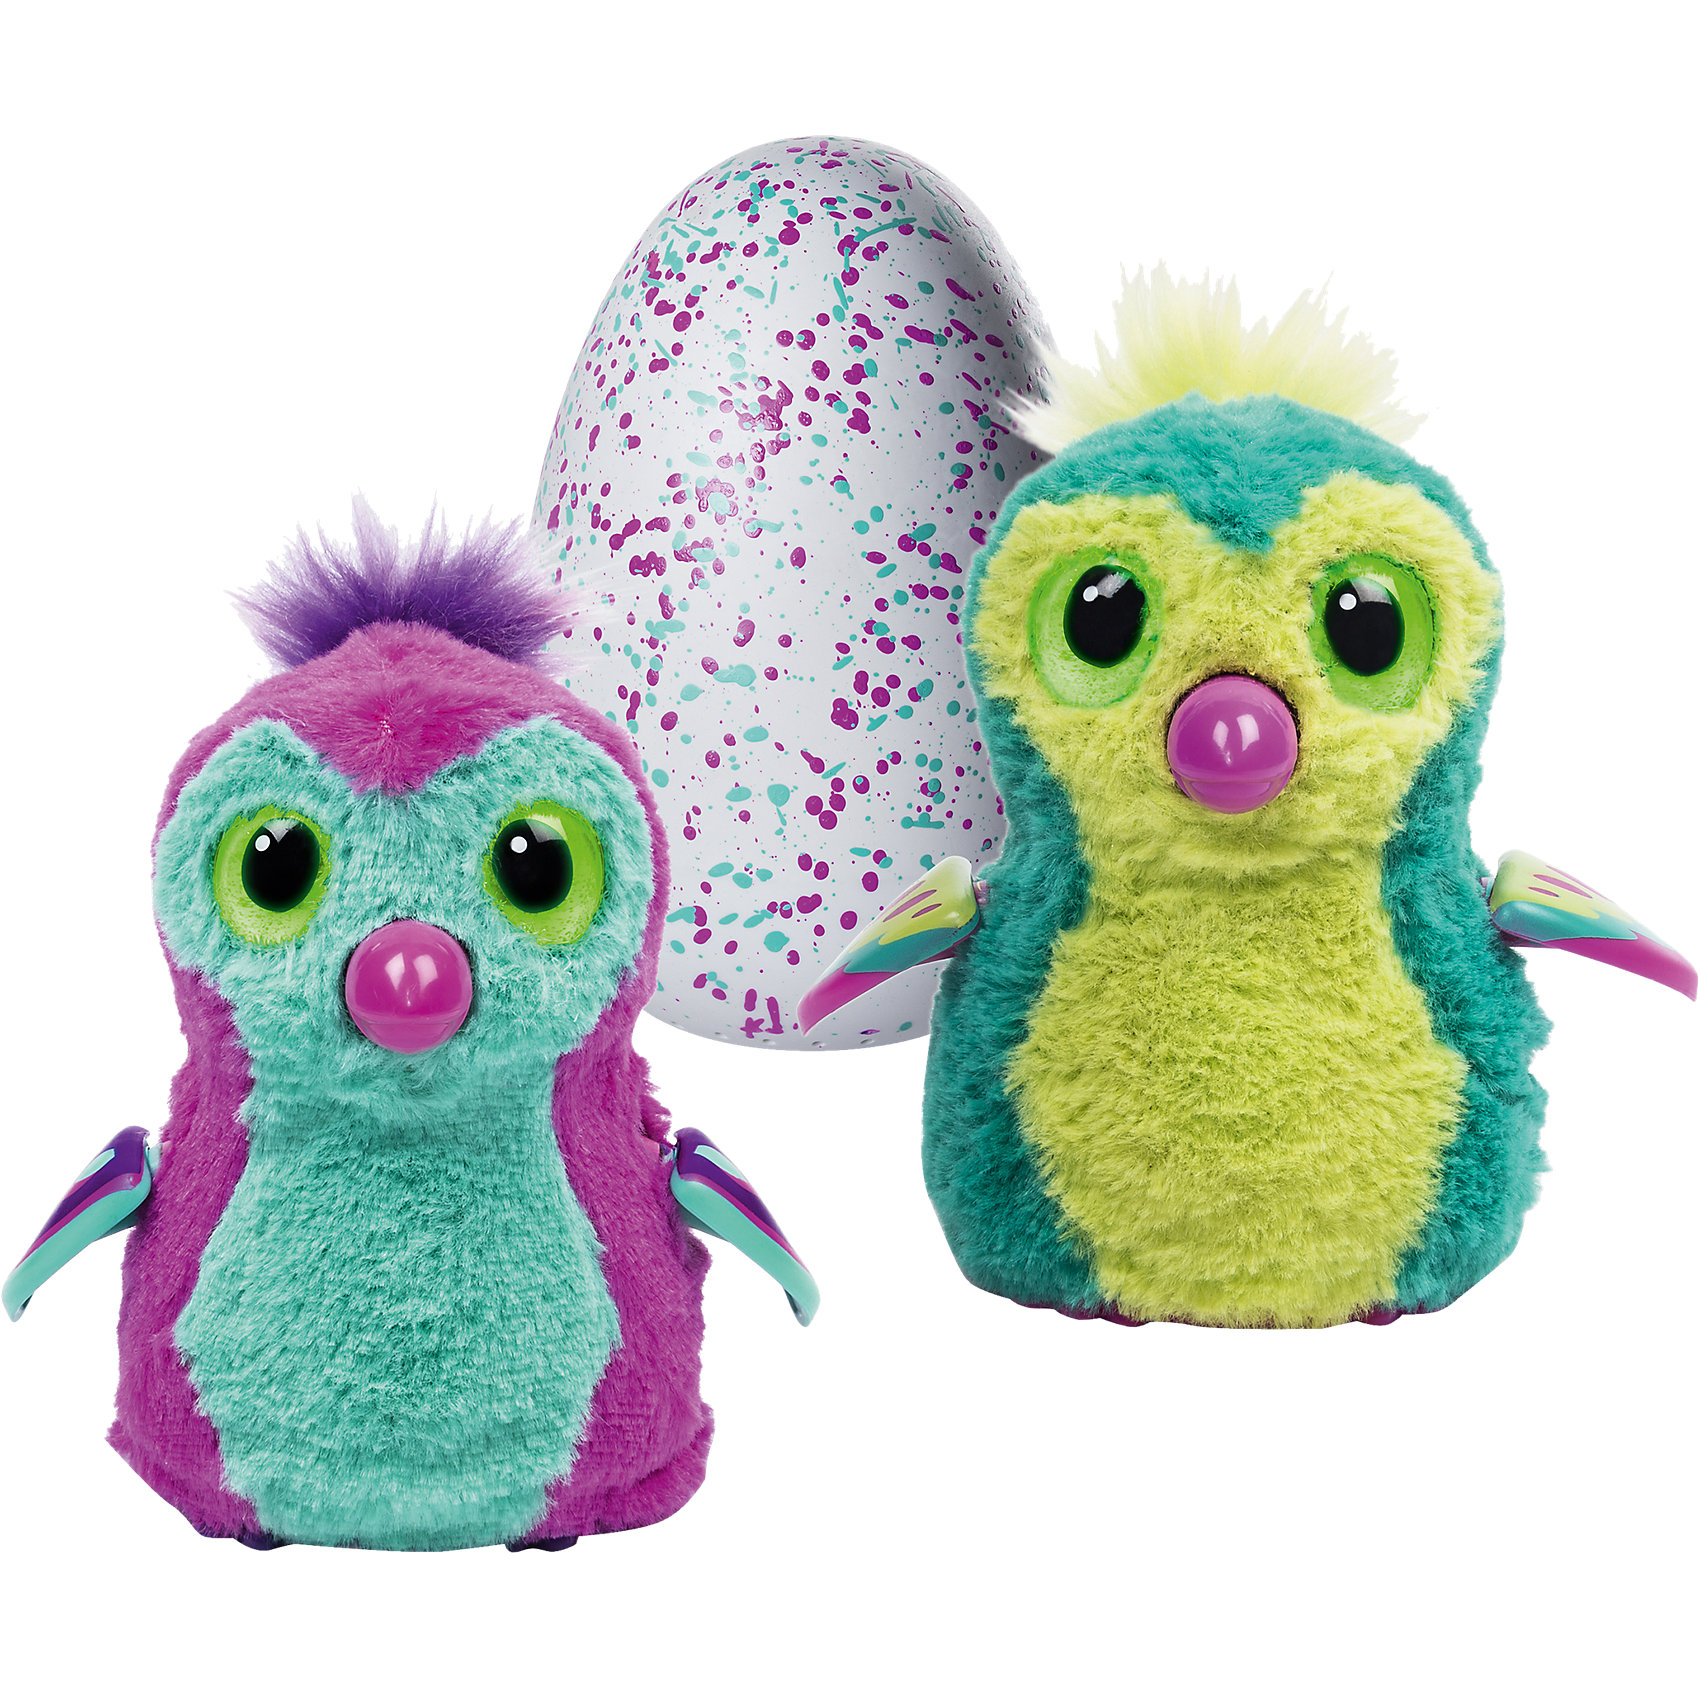 Игрушка Hatchimals - пингвинчик - интерактивный питомец, вылупляющийся из яйца, в ассортиментеИнтерактивный питомец, вылупляющийся из яйца. Следует согревать и поглаживать яйцо в руках, питомец начинает шевелиться, слышно его сердцебиение, он пробивает скорлупу клювом и вылупляется. Далее проходит 3 стадии взросления (младенец, ребенок, взрослый). Игры, танцы, смешные звуки и ритм, LED лампочки показывают его настроение. 2 цвета в ассортименте.<br><br>Ширина мм: 257<br>Глубина мм: 205<br>Высота мм: 152<br>Вес г: 849<br>Возраст от месяцев: 60<br>Возраст до месяцев: 120<br>Пол: Женский<br>Возраст: Детский<br>SKU: 4662758